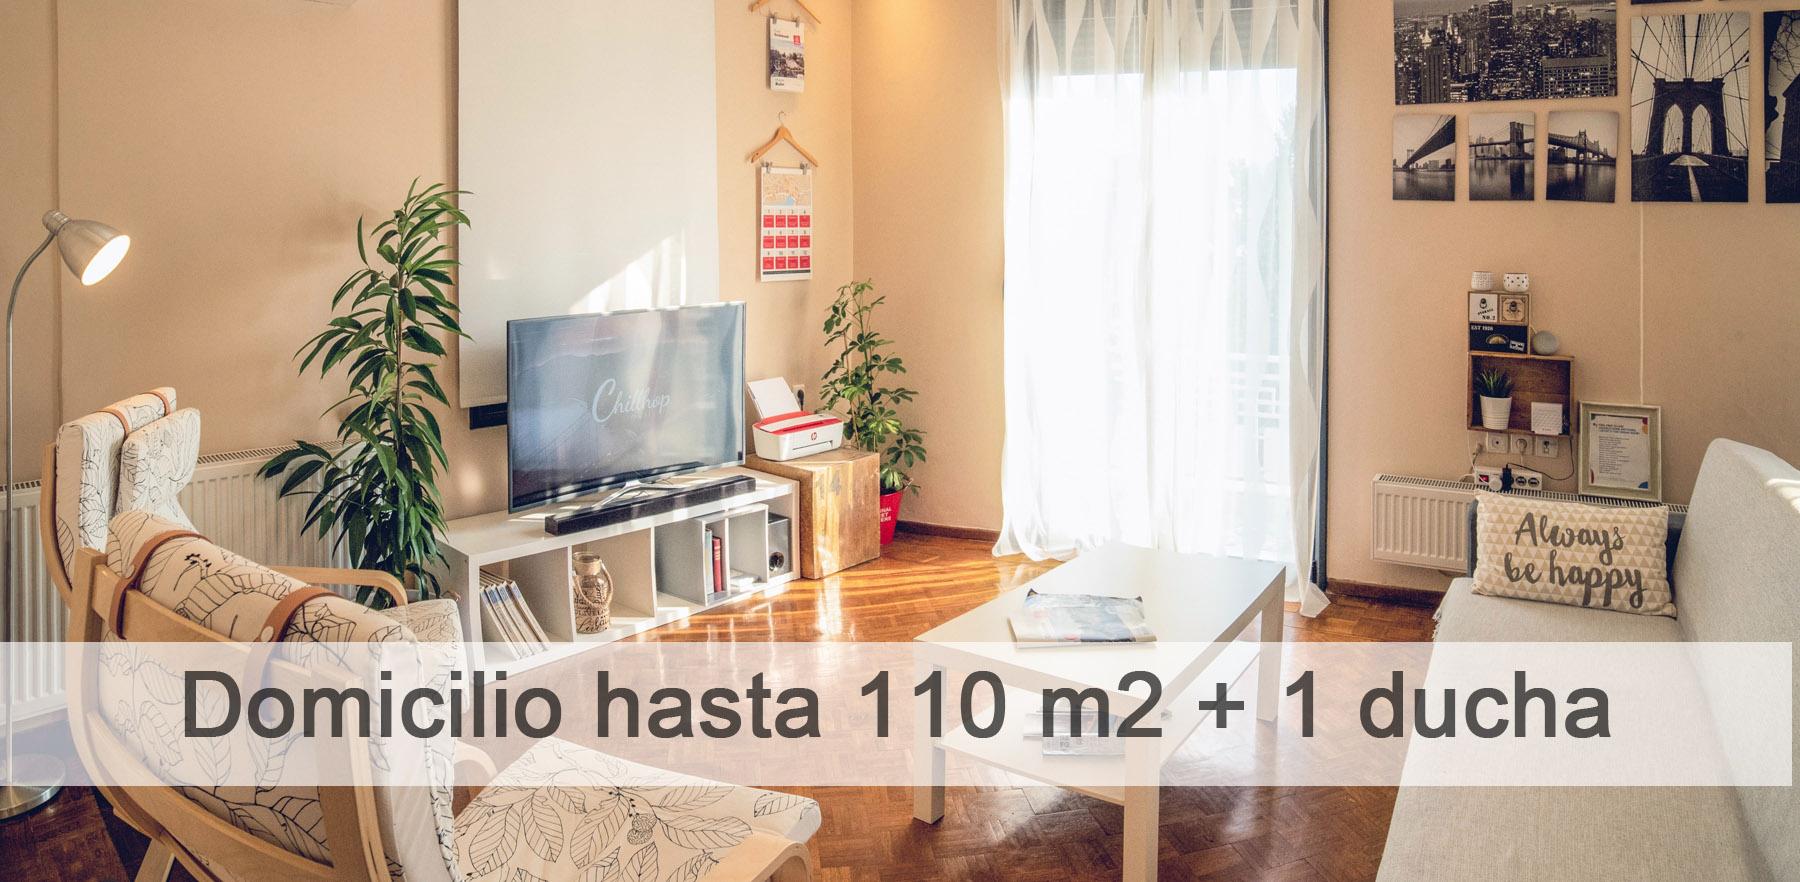 domicilio hasta 110 m2 + 1 baño - cambiatucaldera